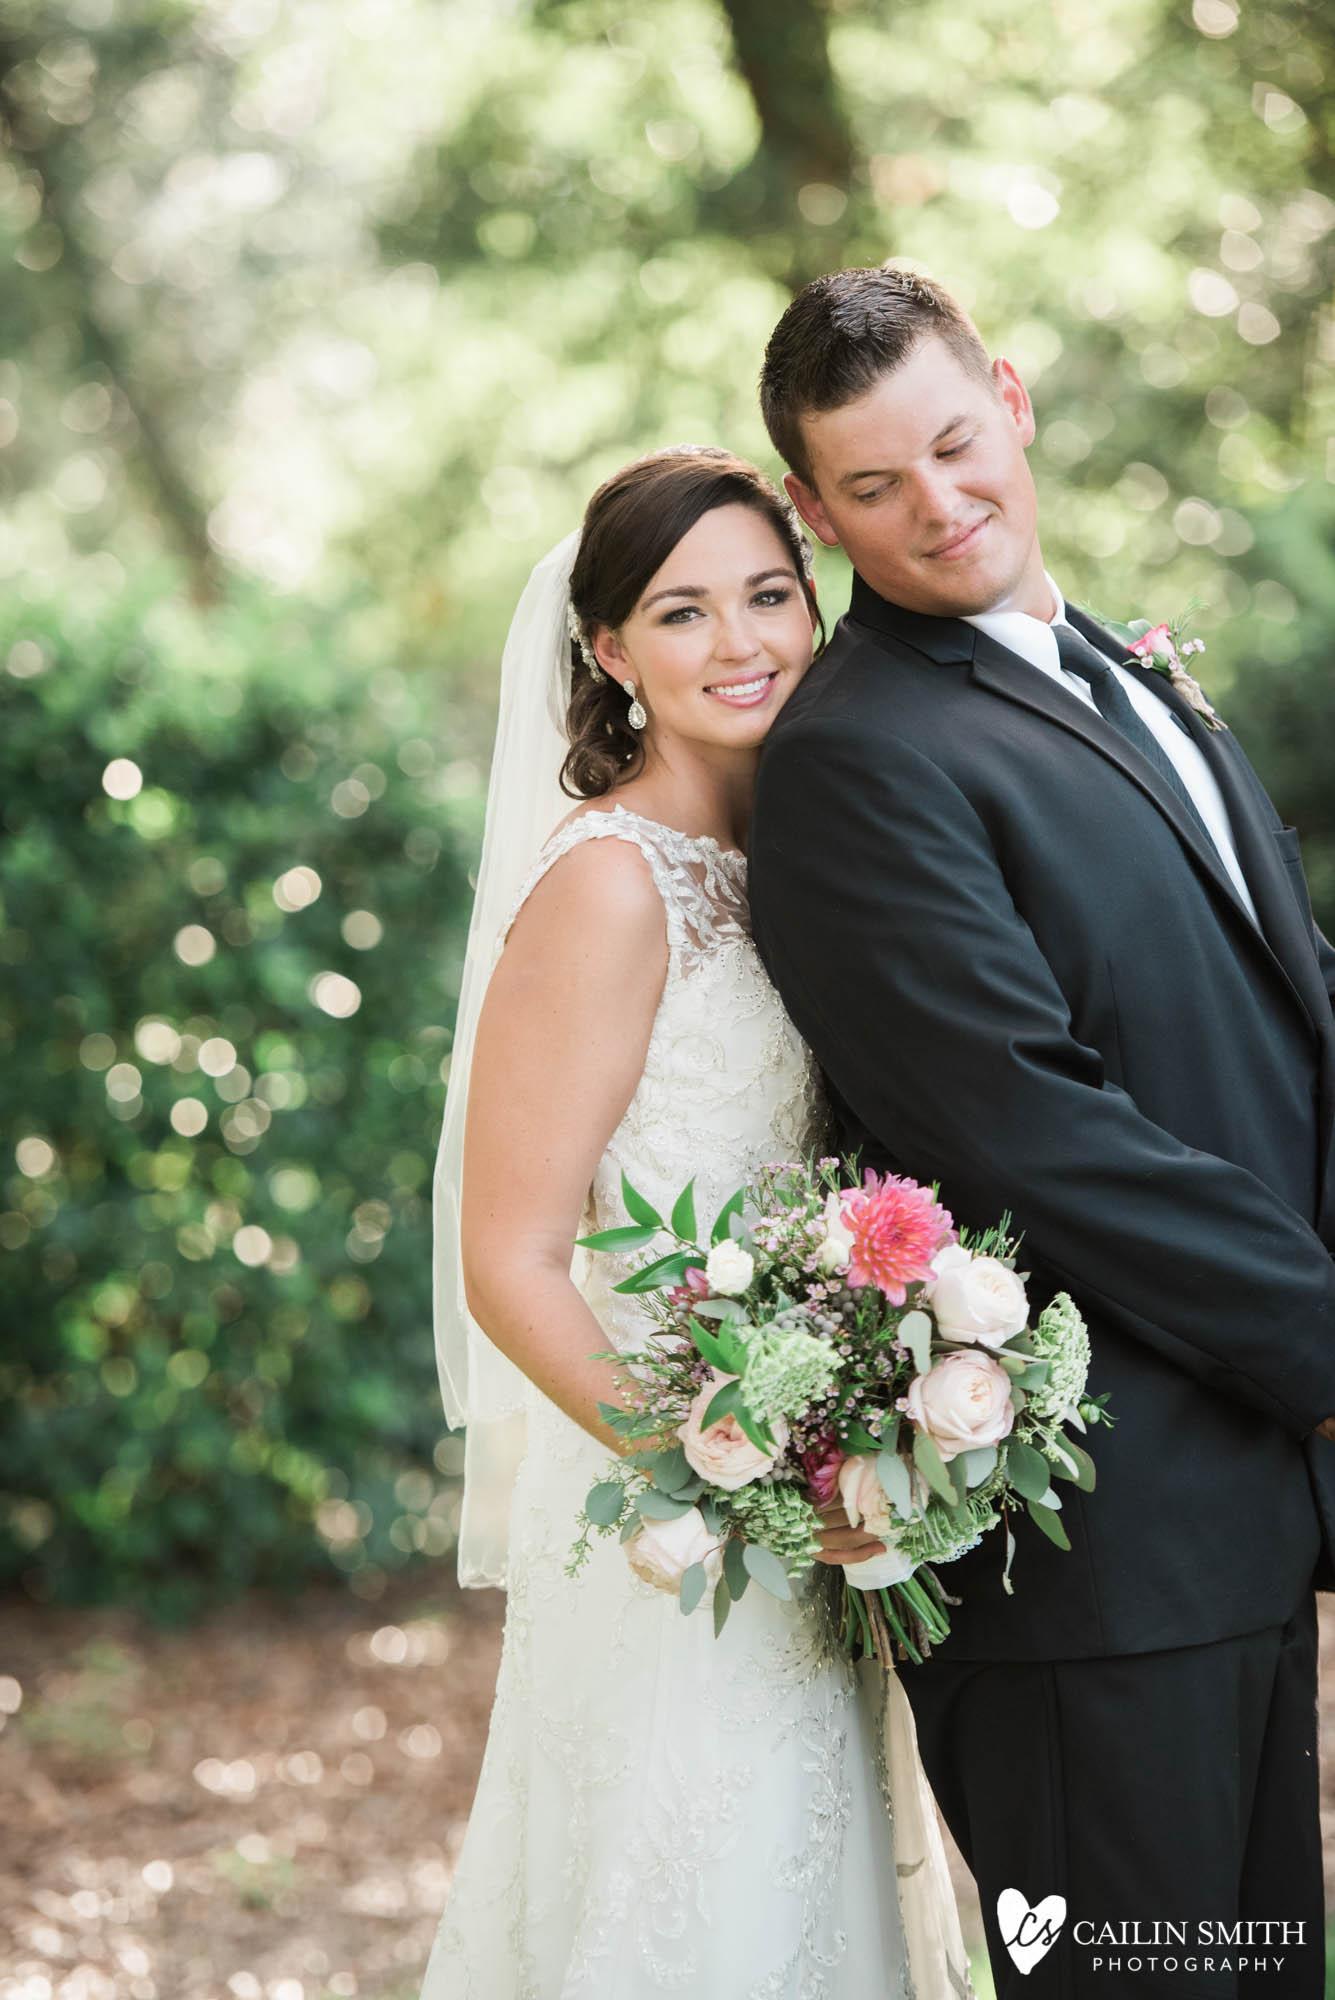 Bethany_Kyle_Bowing_Oaks_Plantation_Wedding_Photography_0082.jpg